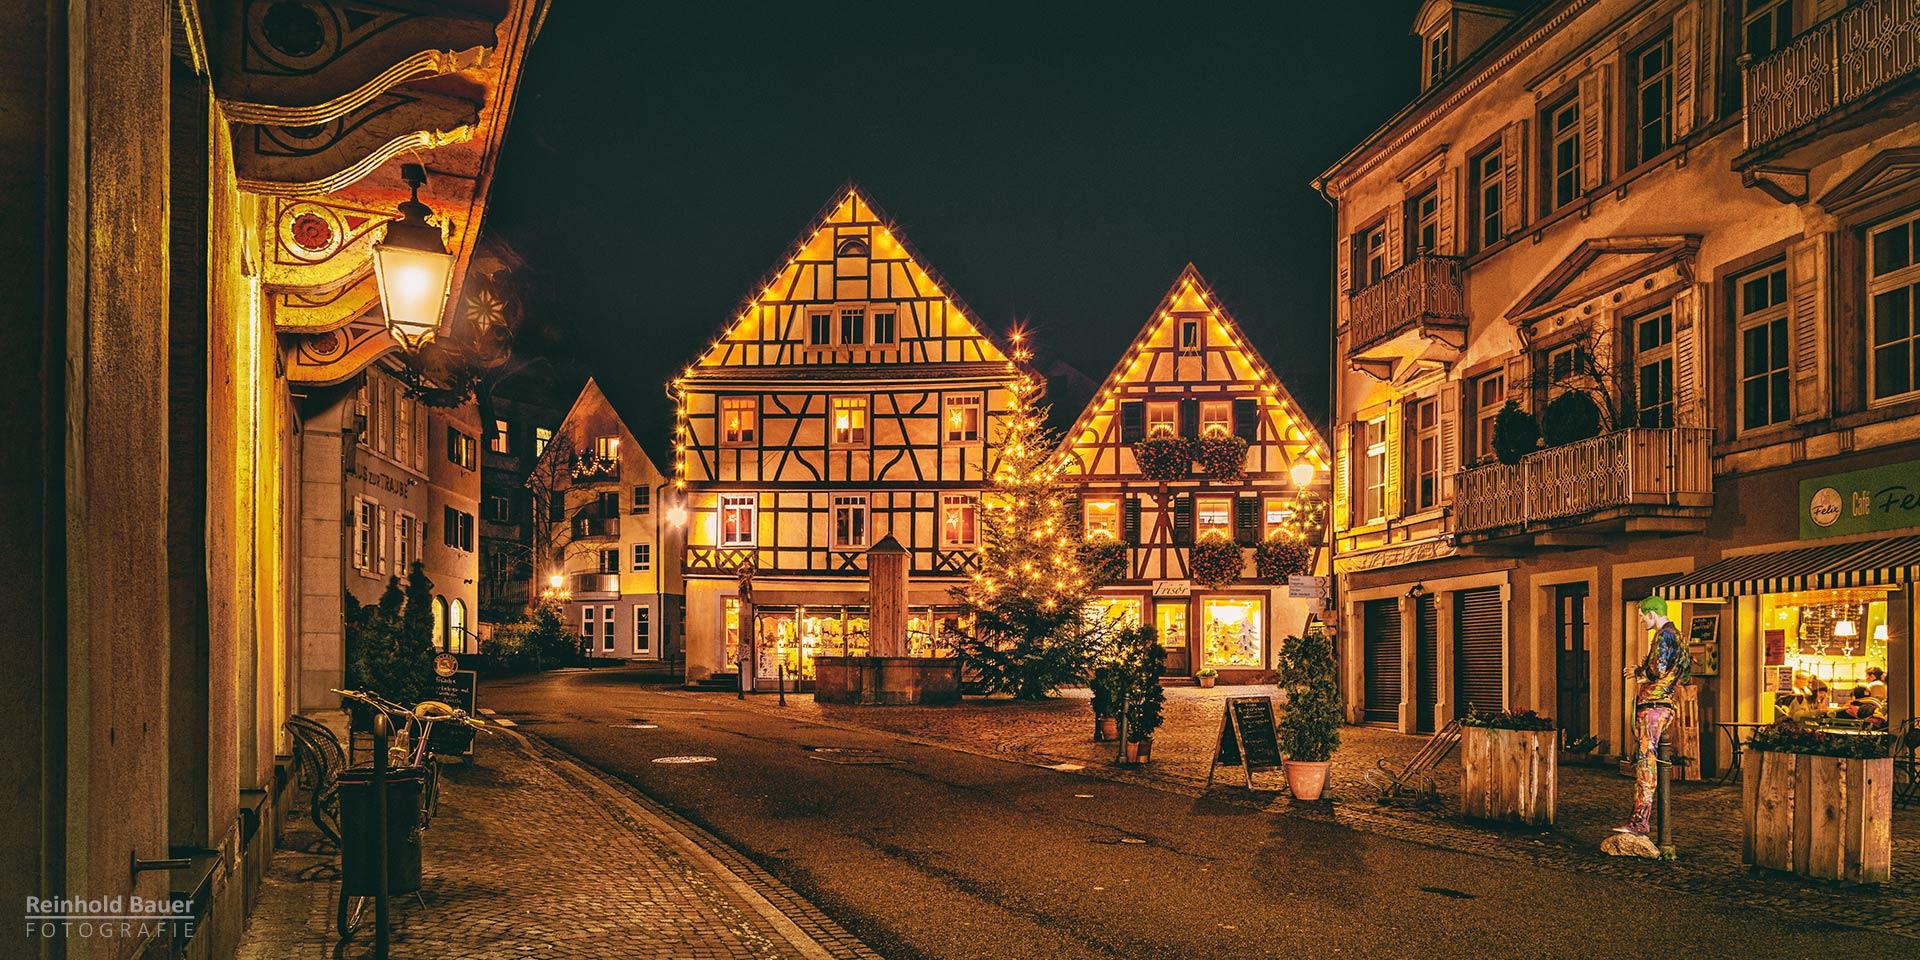 Die historische Altstadt von Gernsbach hat Weihnachtsschmuck angelegt